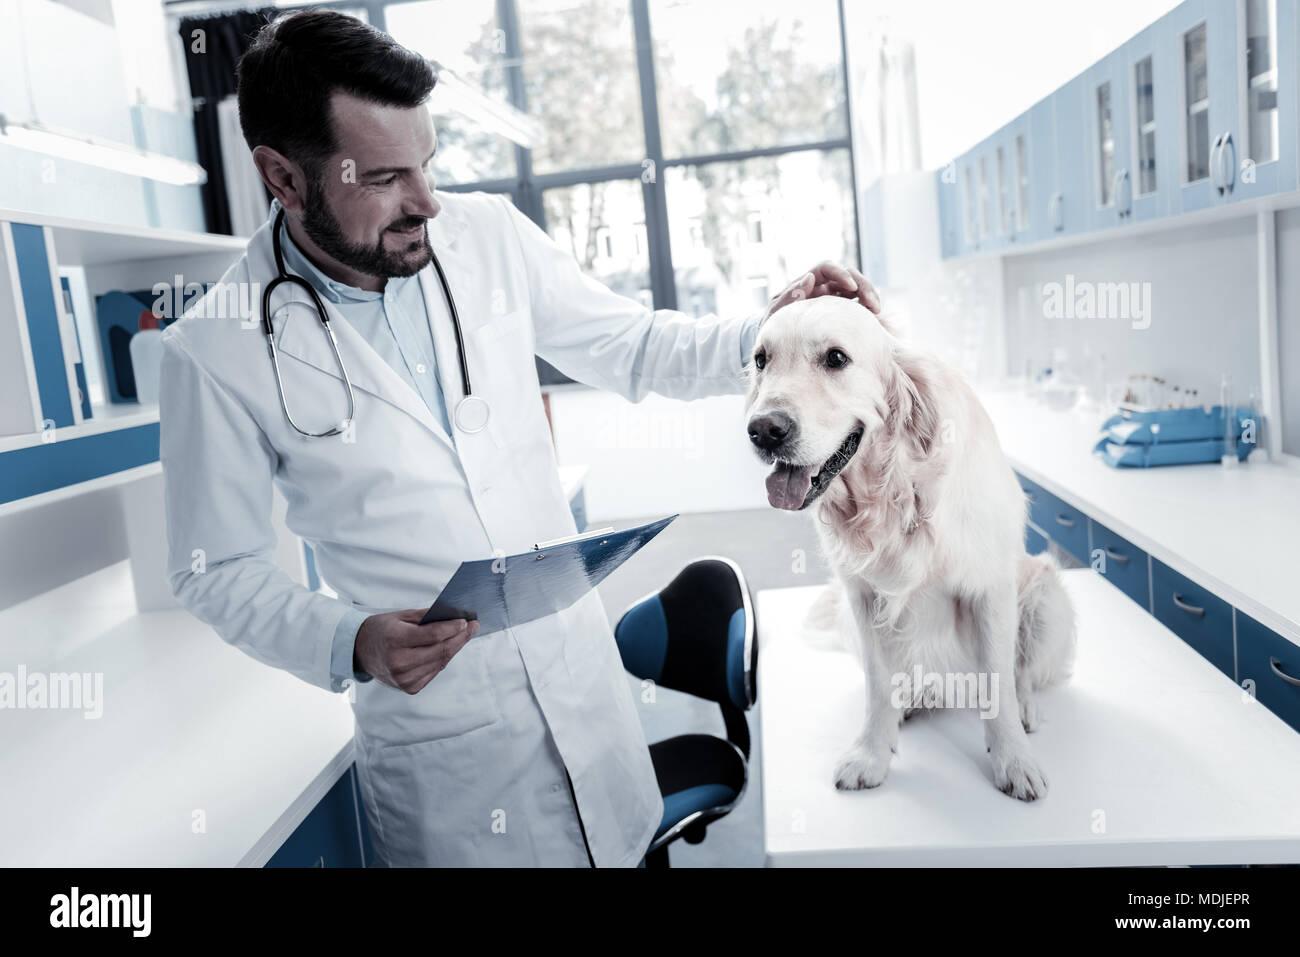 Freundliche nette Tierarzt streichelte den Hund Stockbild